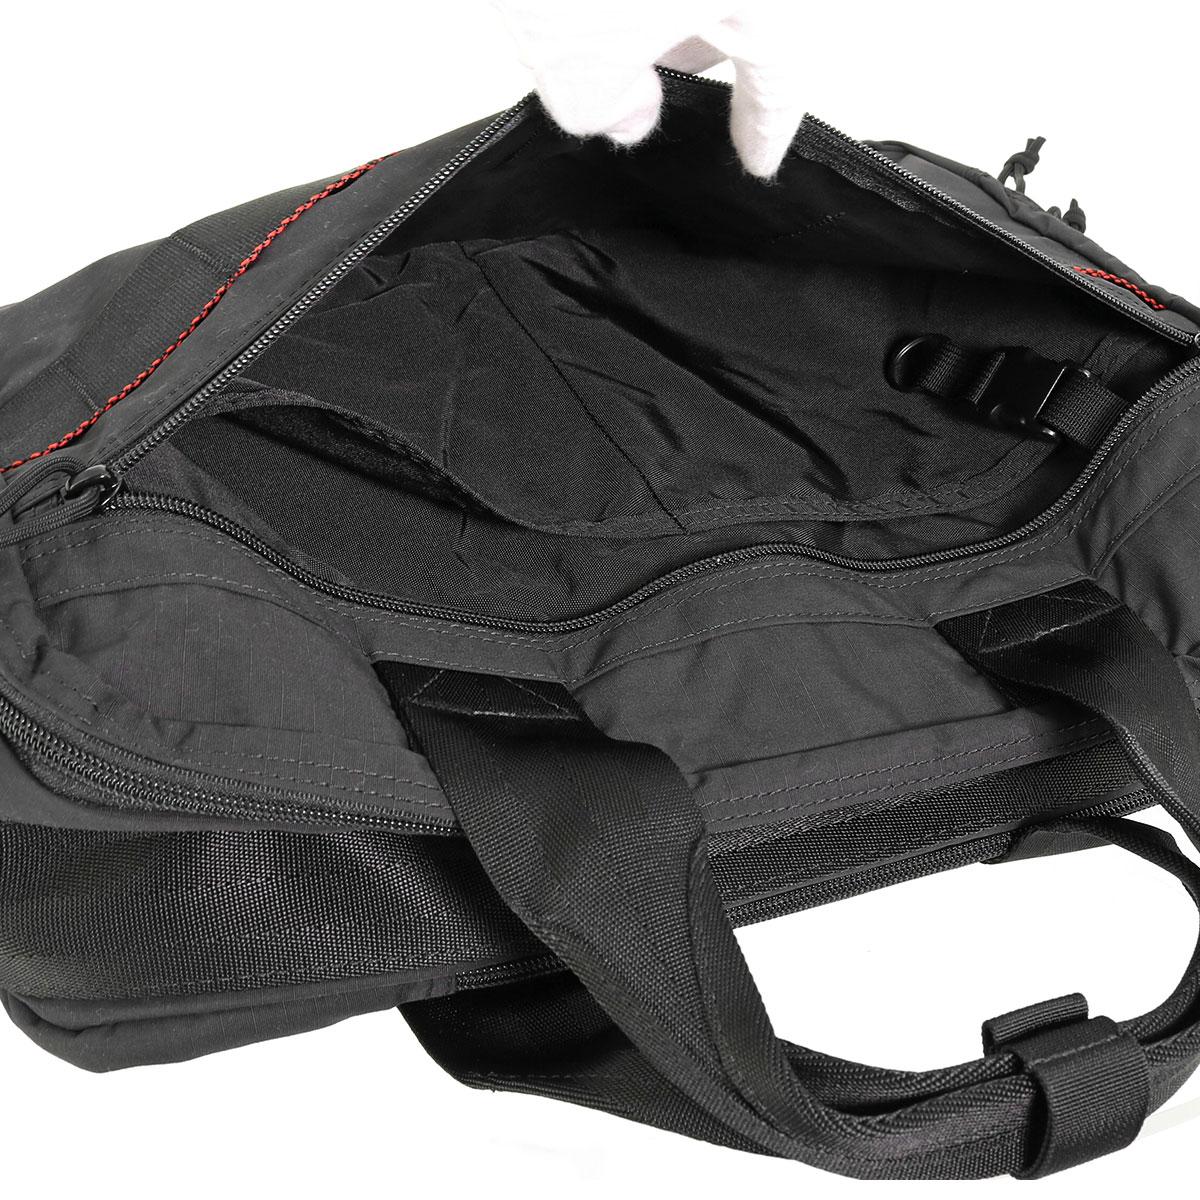 ブリーフィング ブリーフケース 3WAY A4 大容量 メンズ TR-3 S MW メンズ BRM181402 BRIEFING | ビジネスバッグ 防水 キャリーオン ナイロン ビジネスリュック 出張[bef][PO10][即日発送]